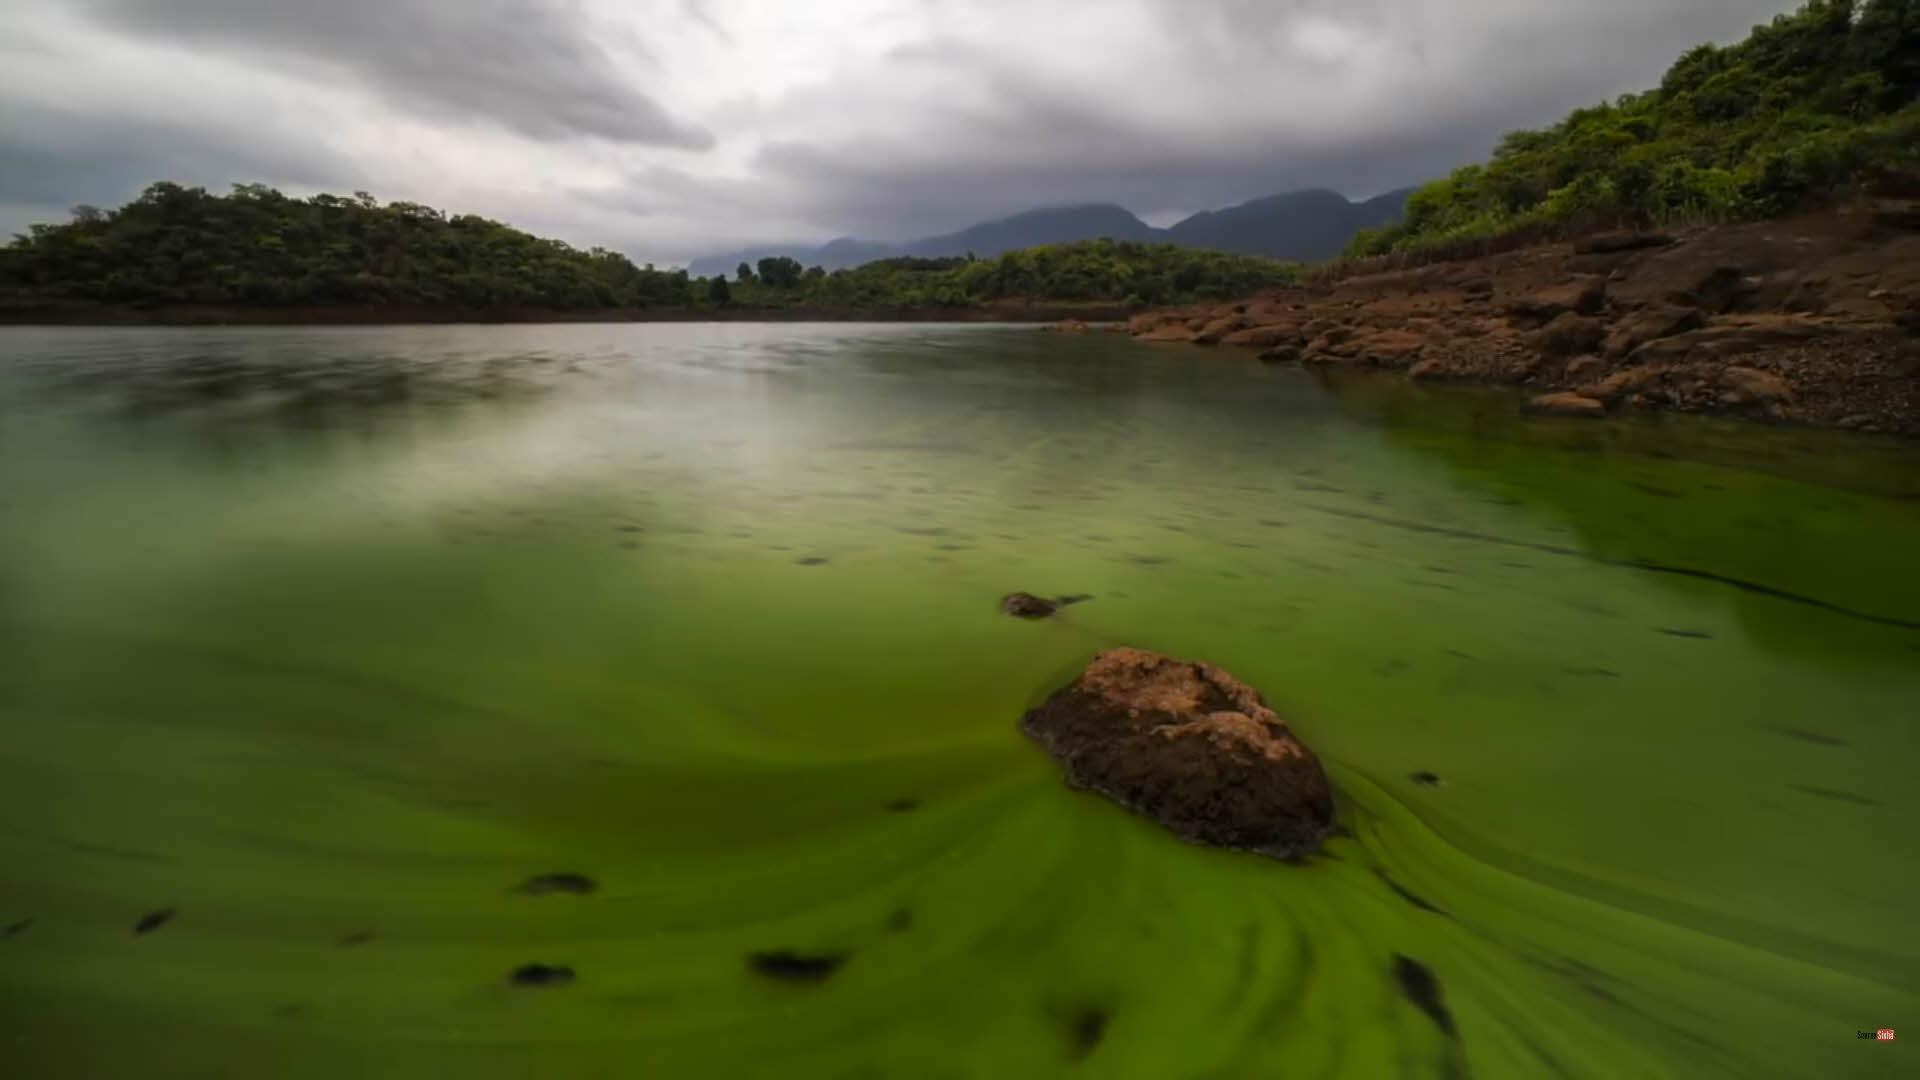 如果沒有前景石頭的話,這只是一幅無趣的水景照片